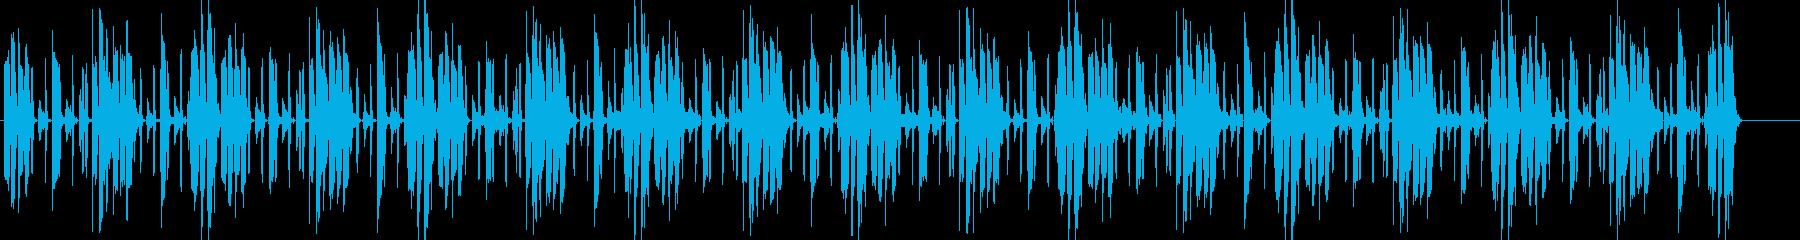 電子楽器。風変わりでロボット的。い...の再生済みの波形